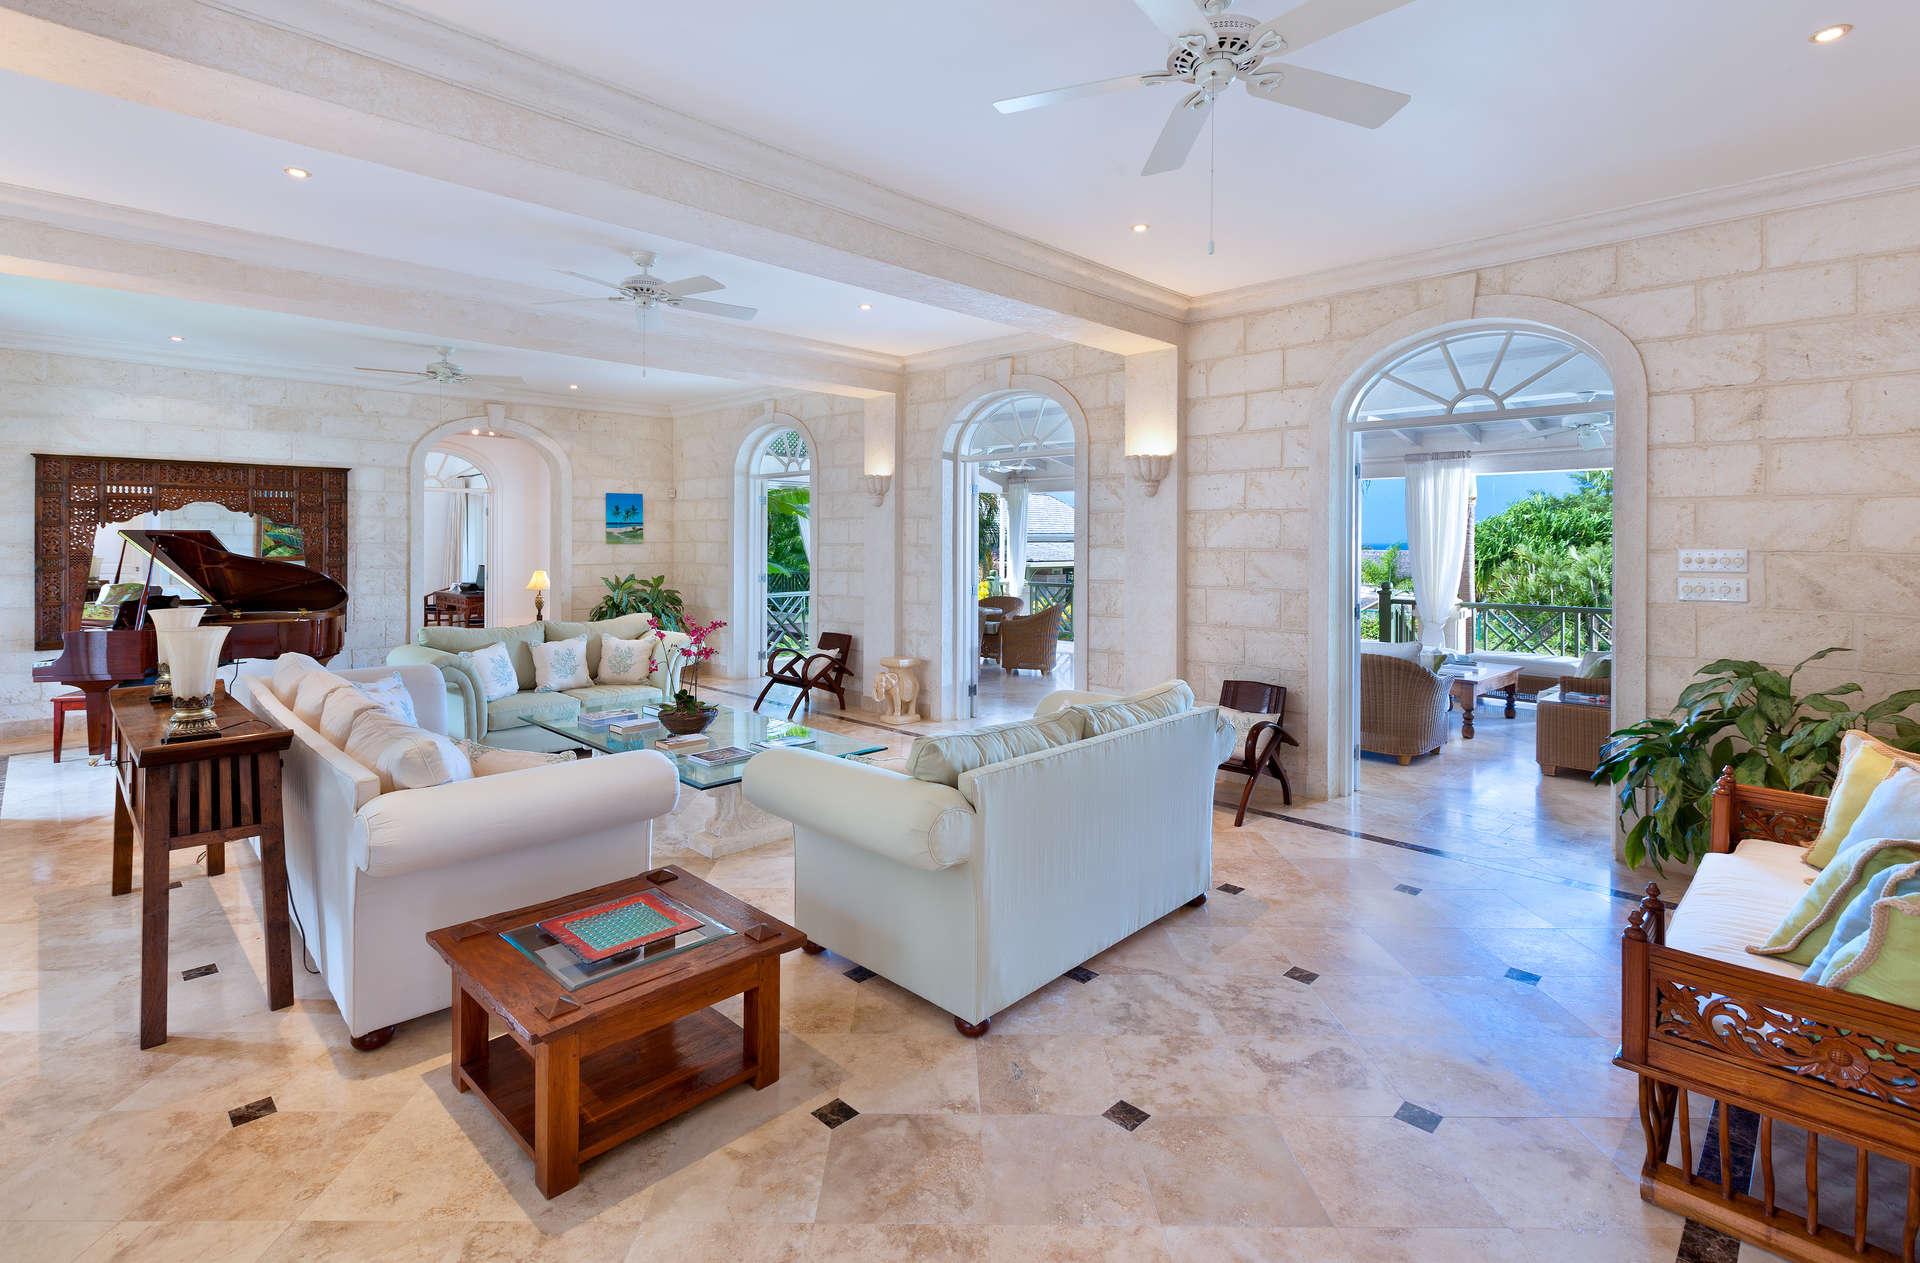 Luxury villa rentals caribbean - Barbados - St james - Sugar hill resort - Go Easy - Image 1/20